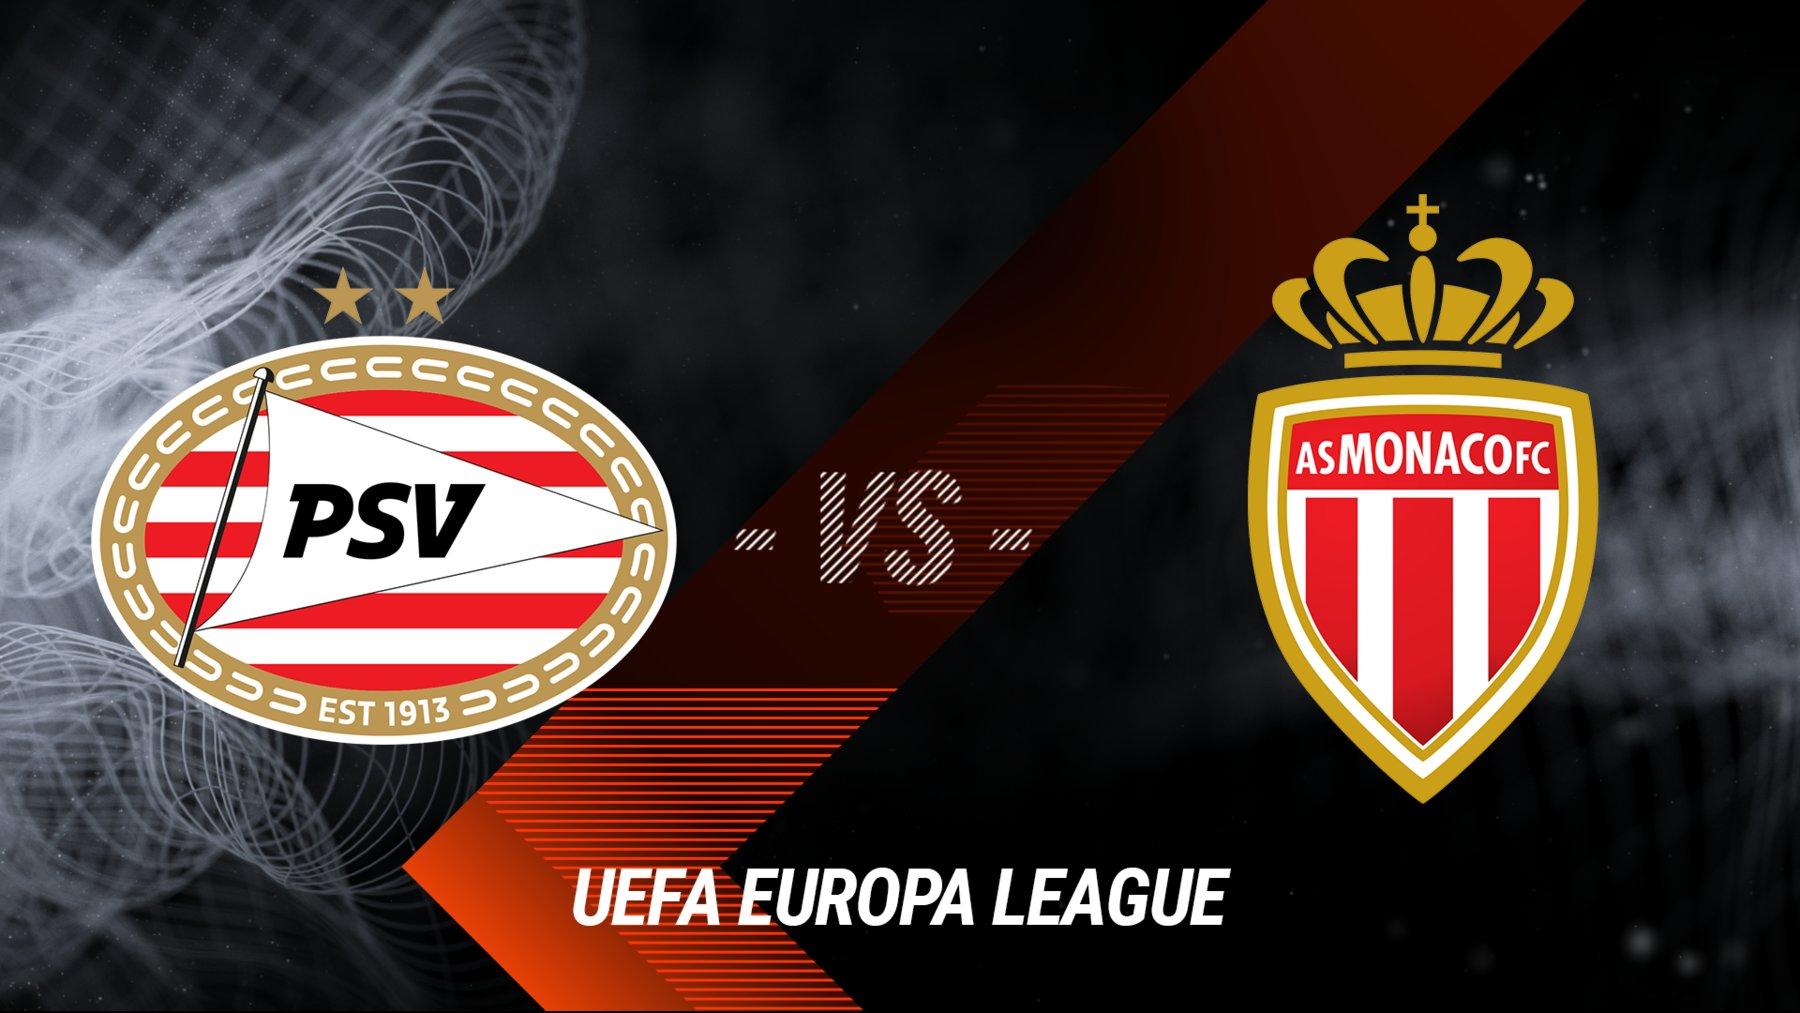 PSV Eindhoven vs. AS Monaco